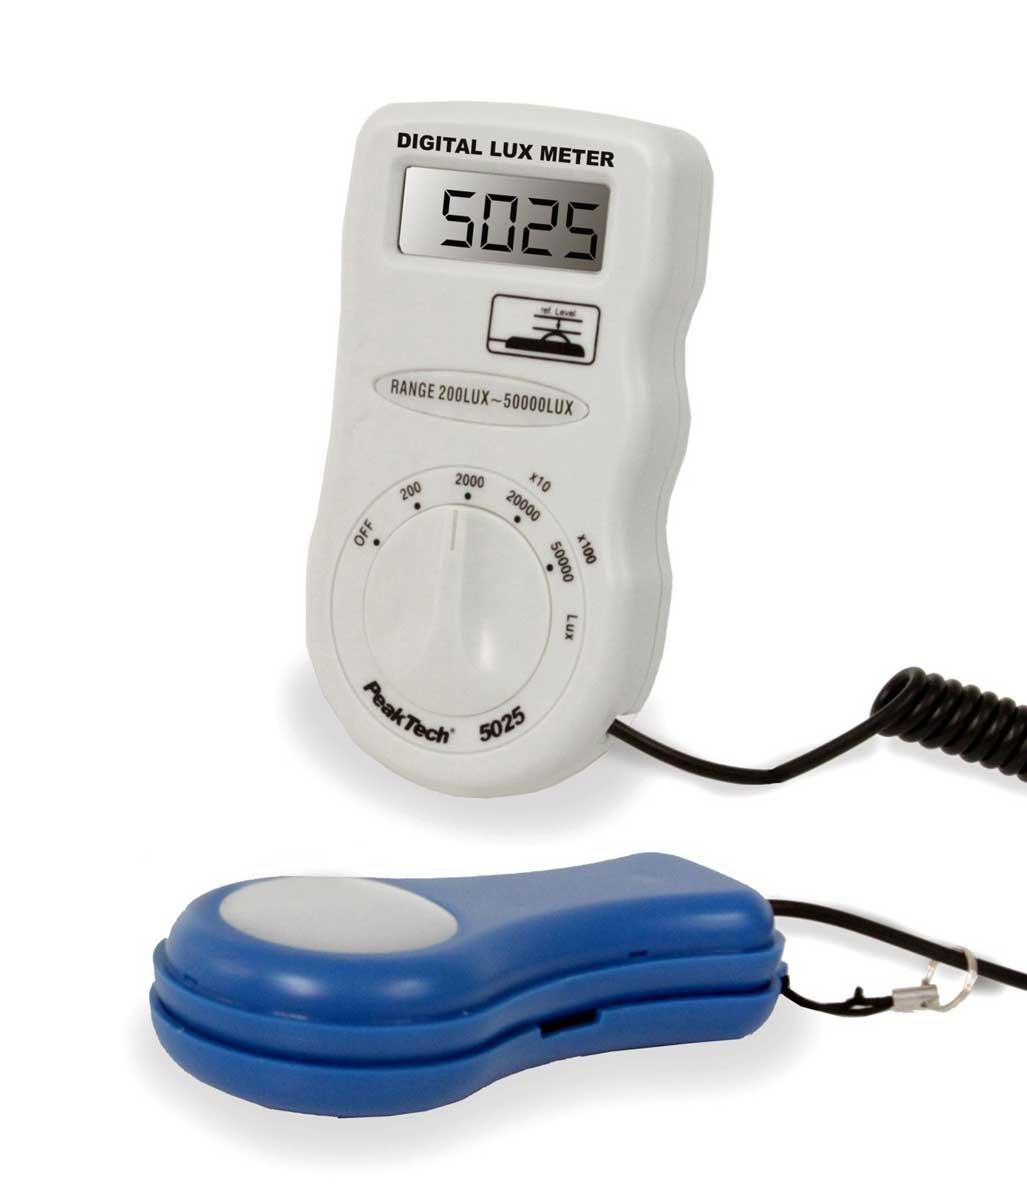 Lichtstäke-Messgerät PeakTech P-5025 (Lux-Meter)